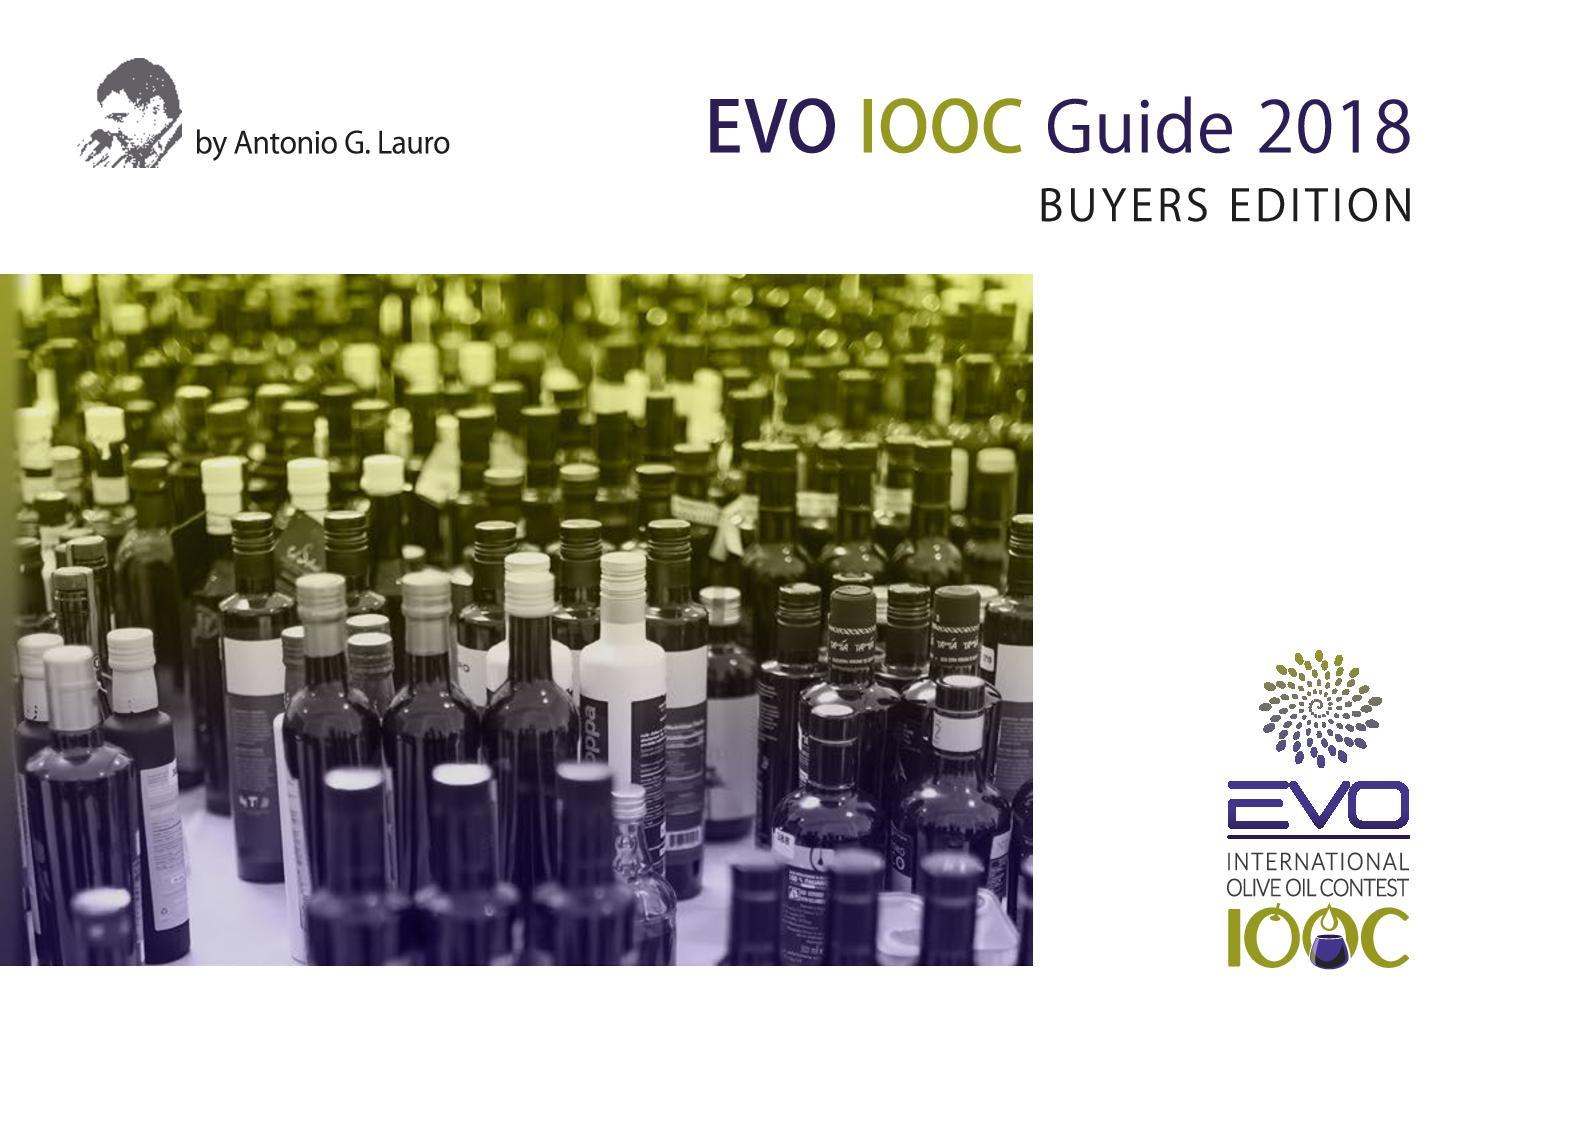 Calameo Evo Iooc Guide 2018